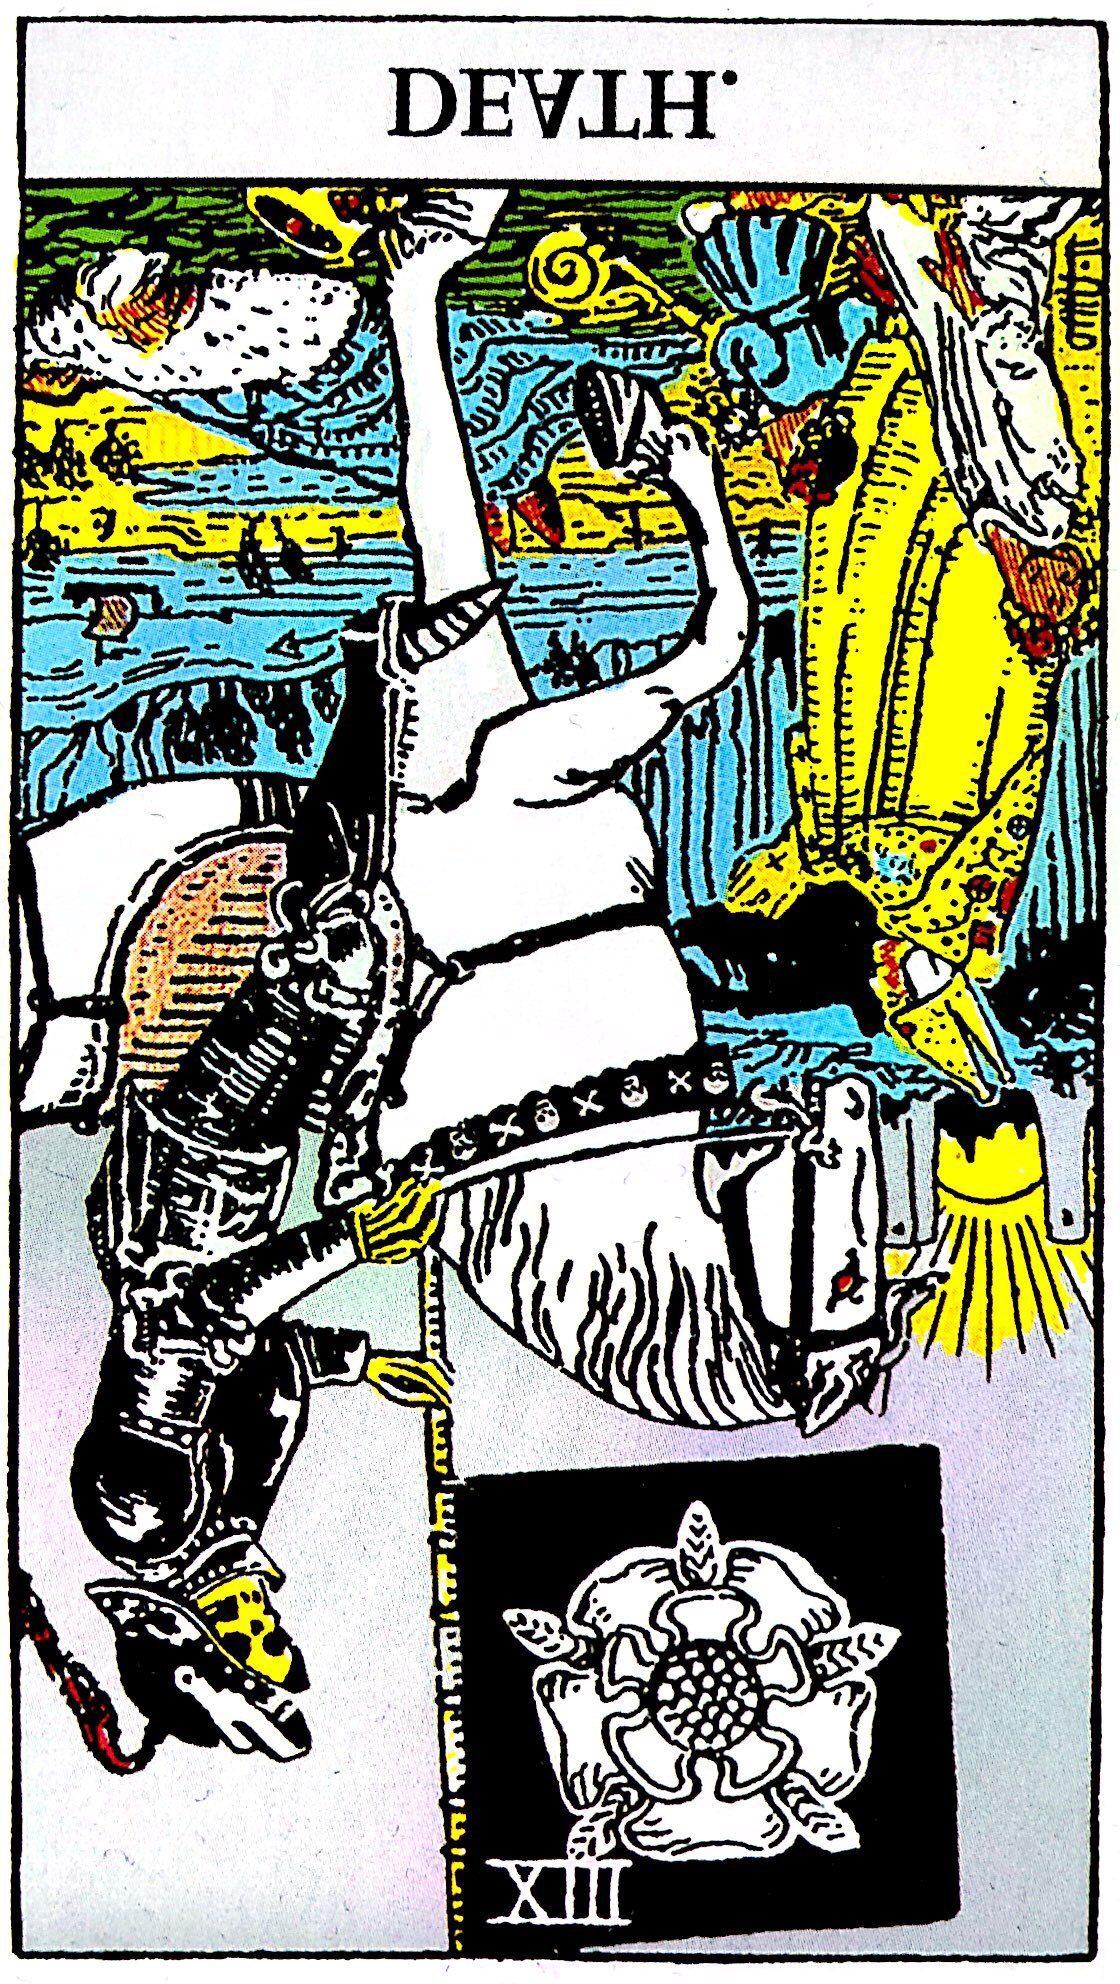 タロット占い「死神」の意味【逆位置】